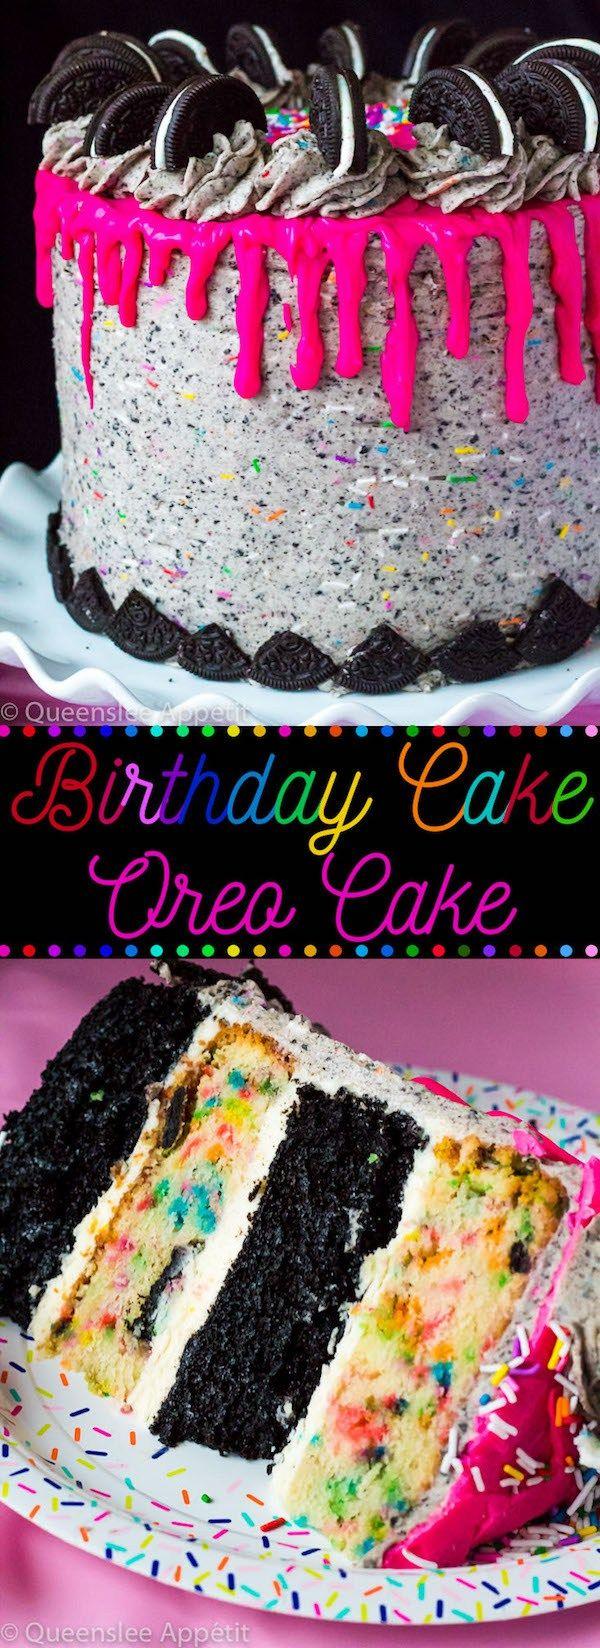 Astounding Birthday Cake Oreo Cake Recipe Oreo Cake Recipes Oreo Cake Funny Birthday Cards Online Alyptdamsfinfo